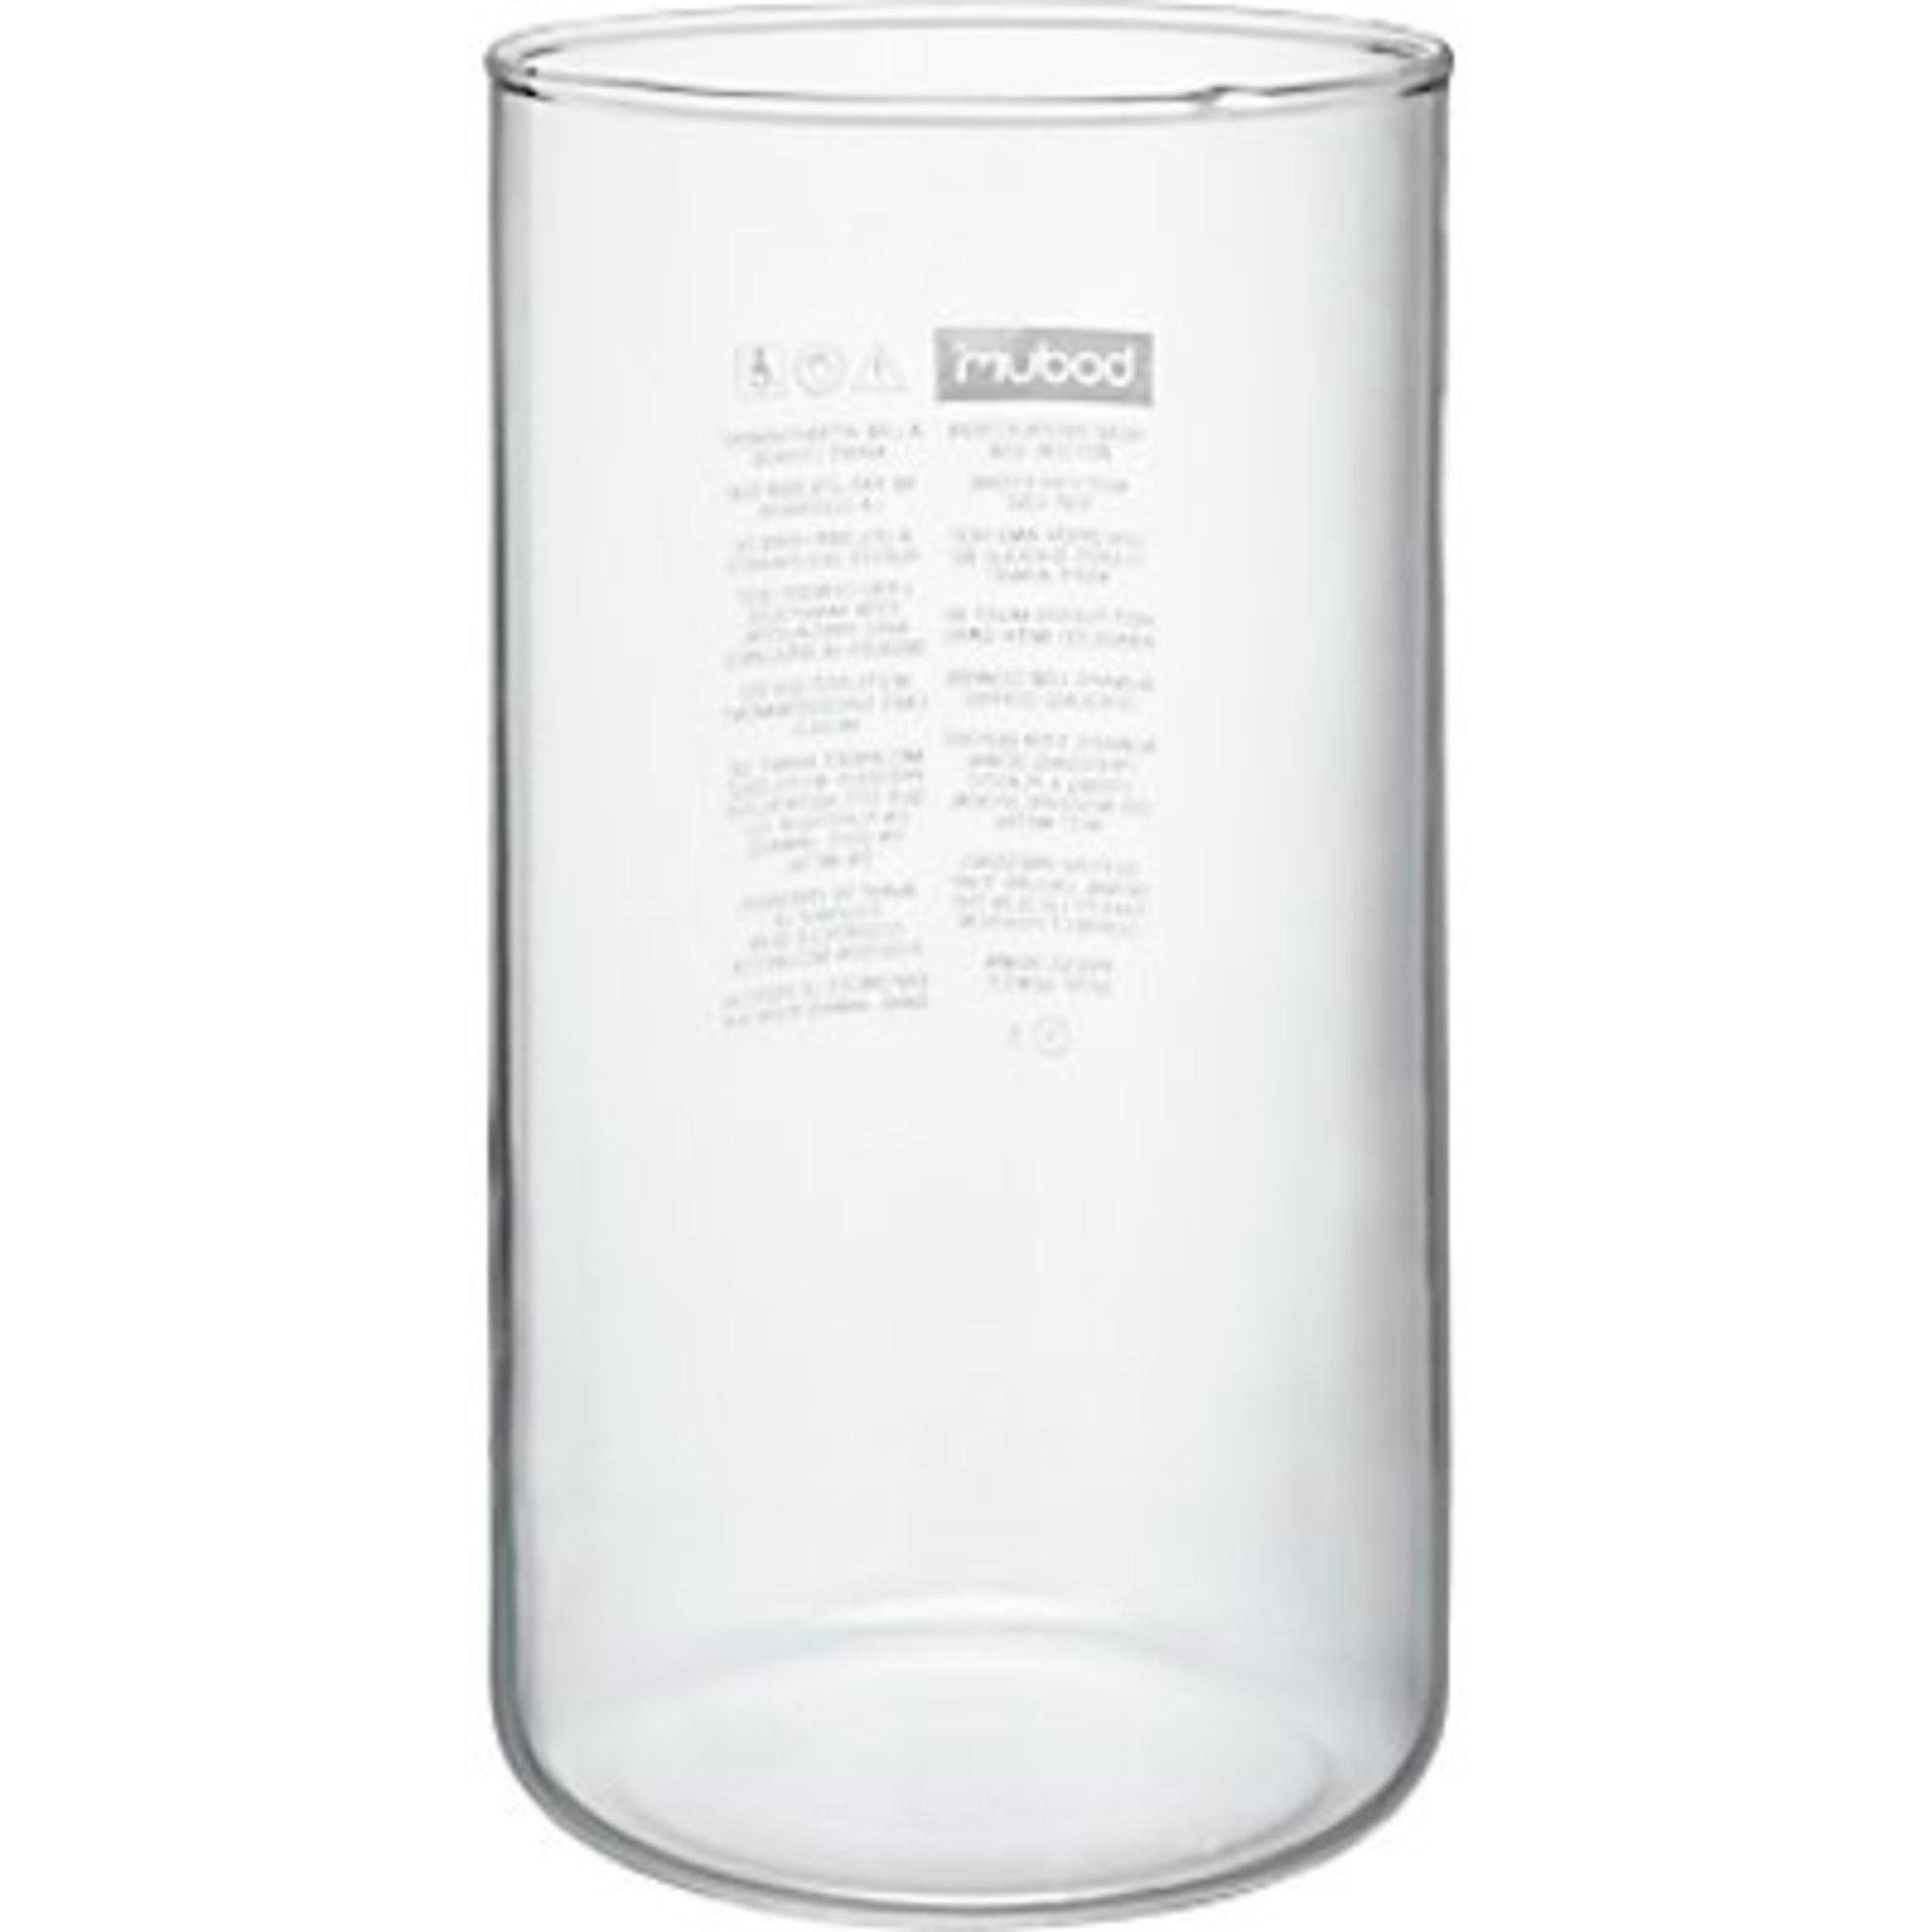 Bodum Reservglas till kaffepress 8 koppar utan pip